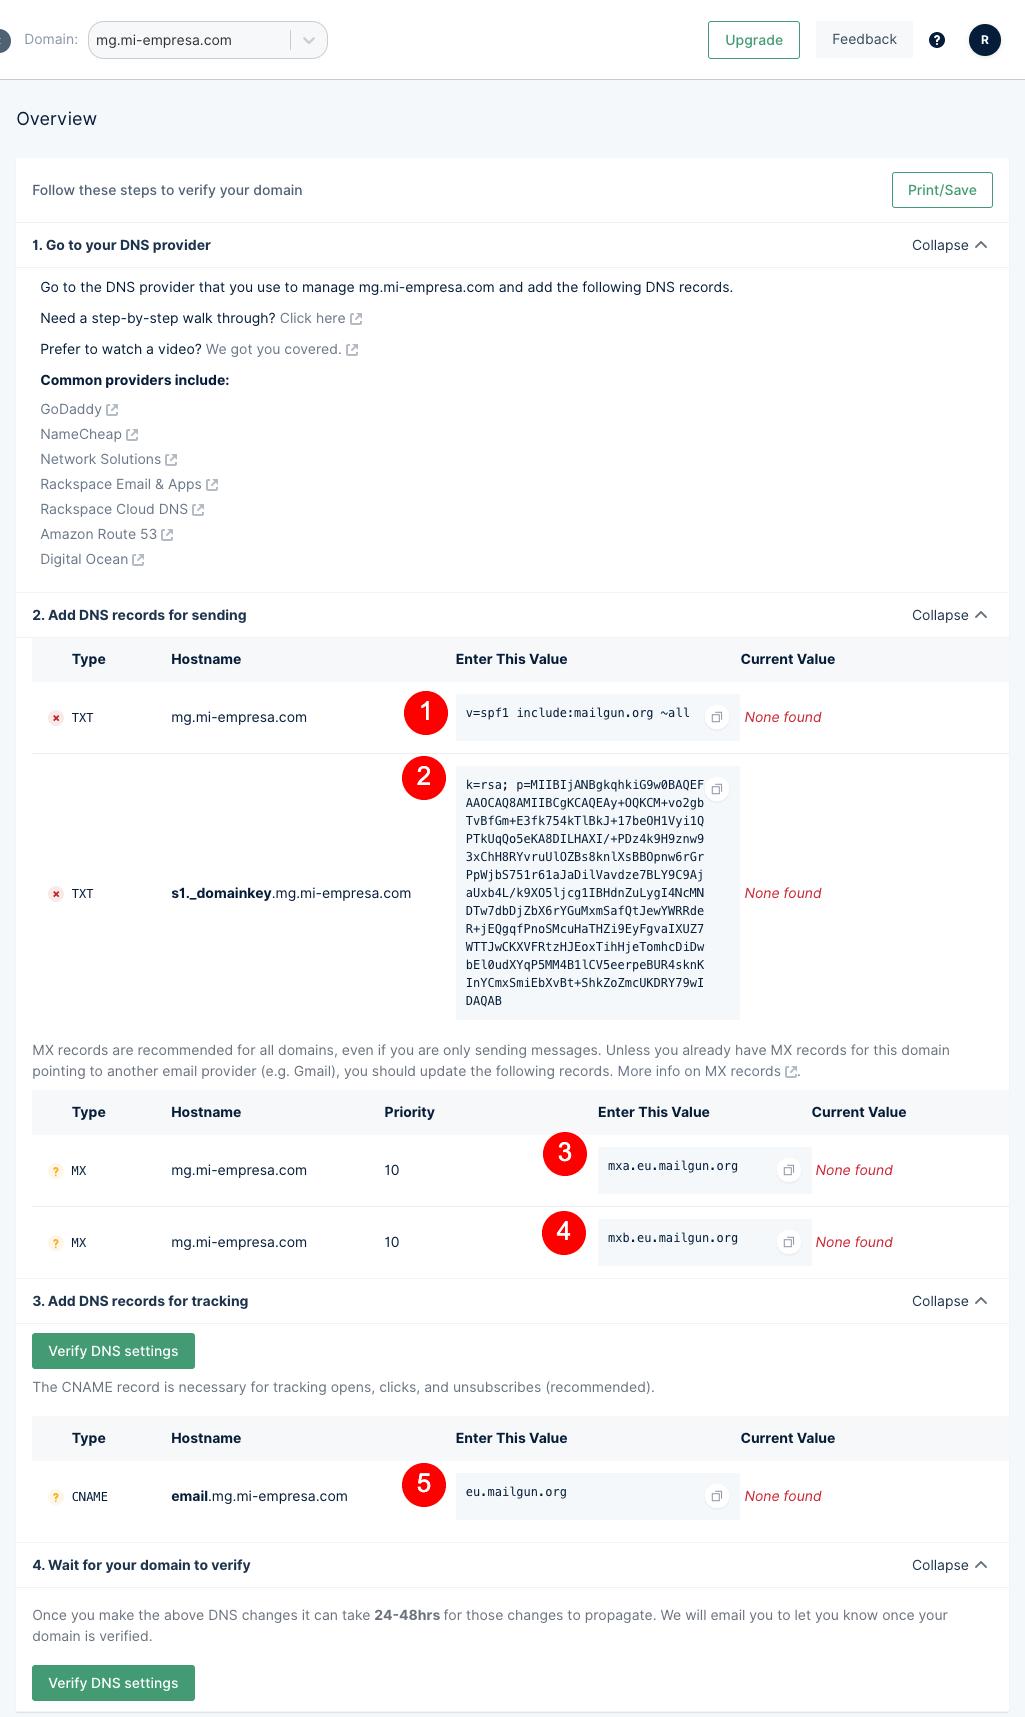 Configuración de los registros DNS del dominio